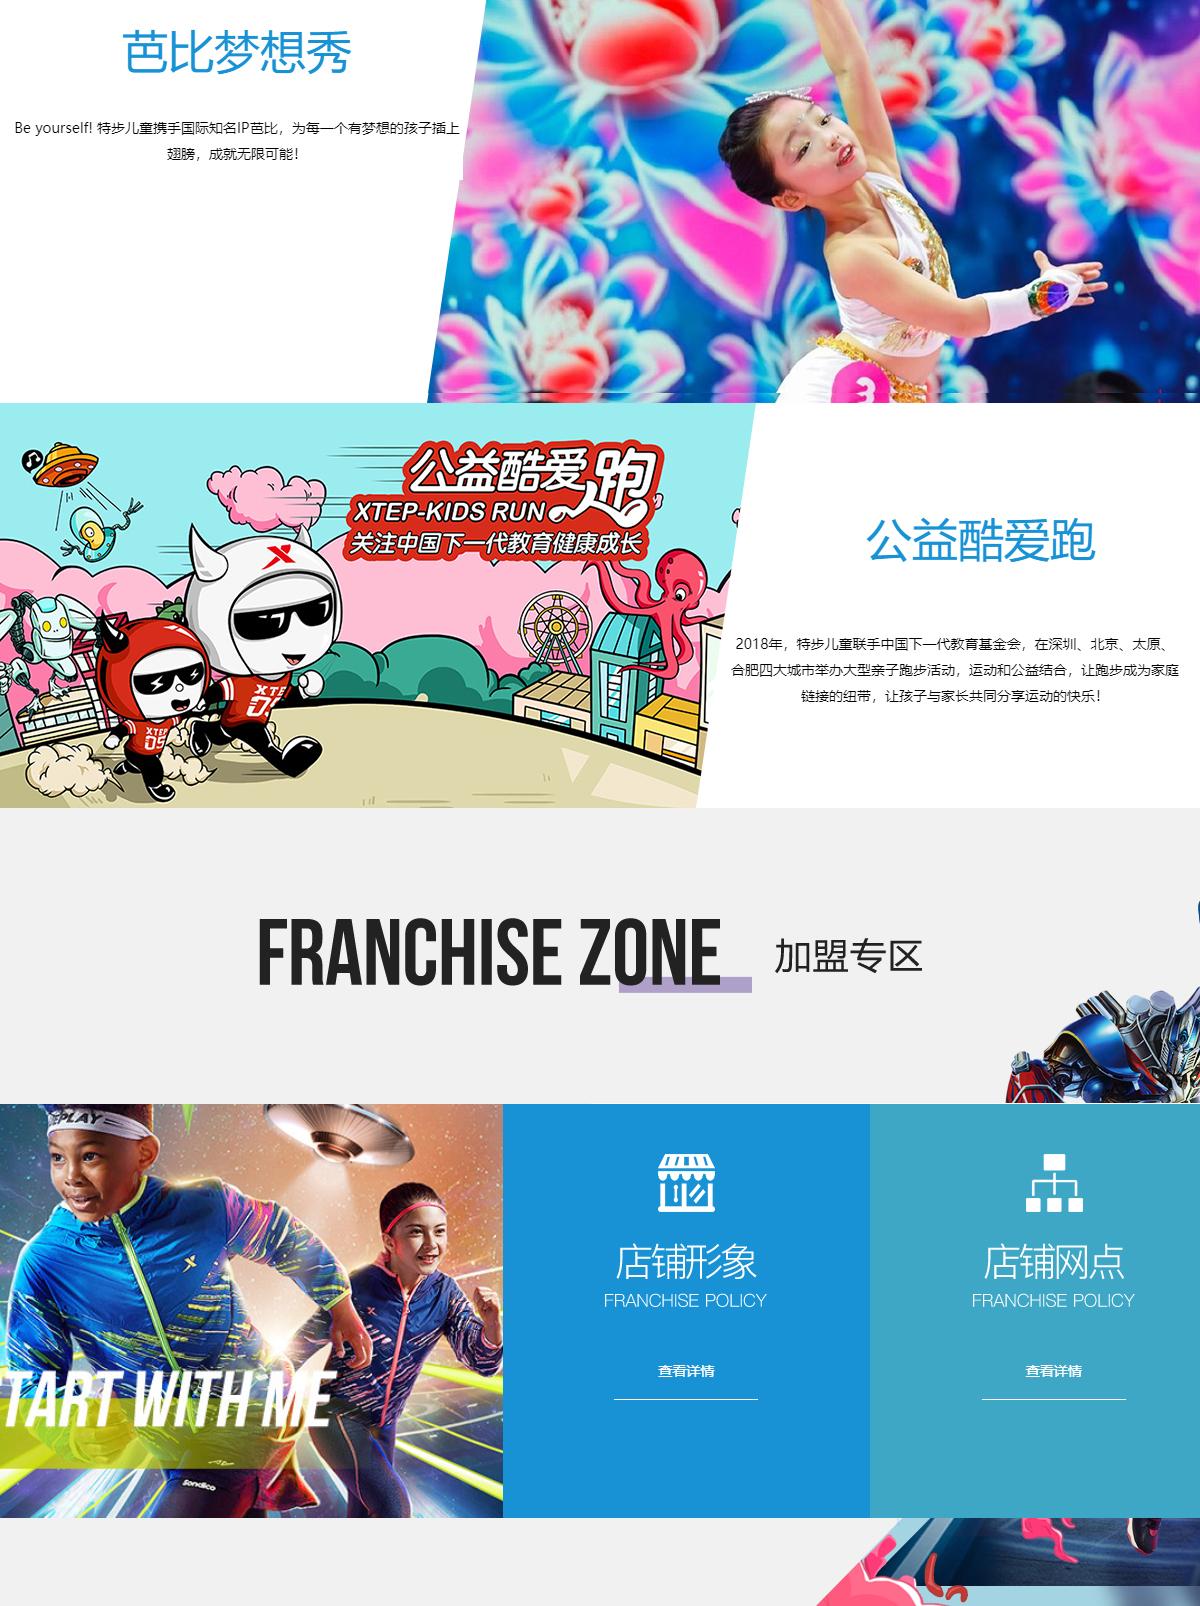 特步儿童 中国领先的体育用品企业之一